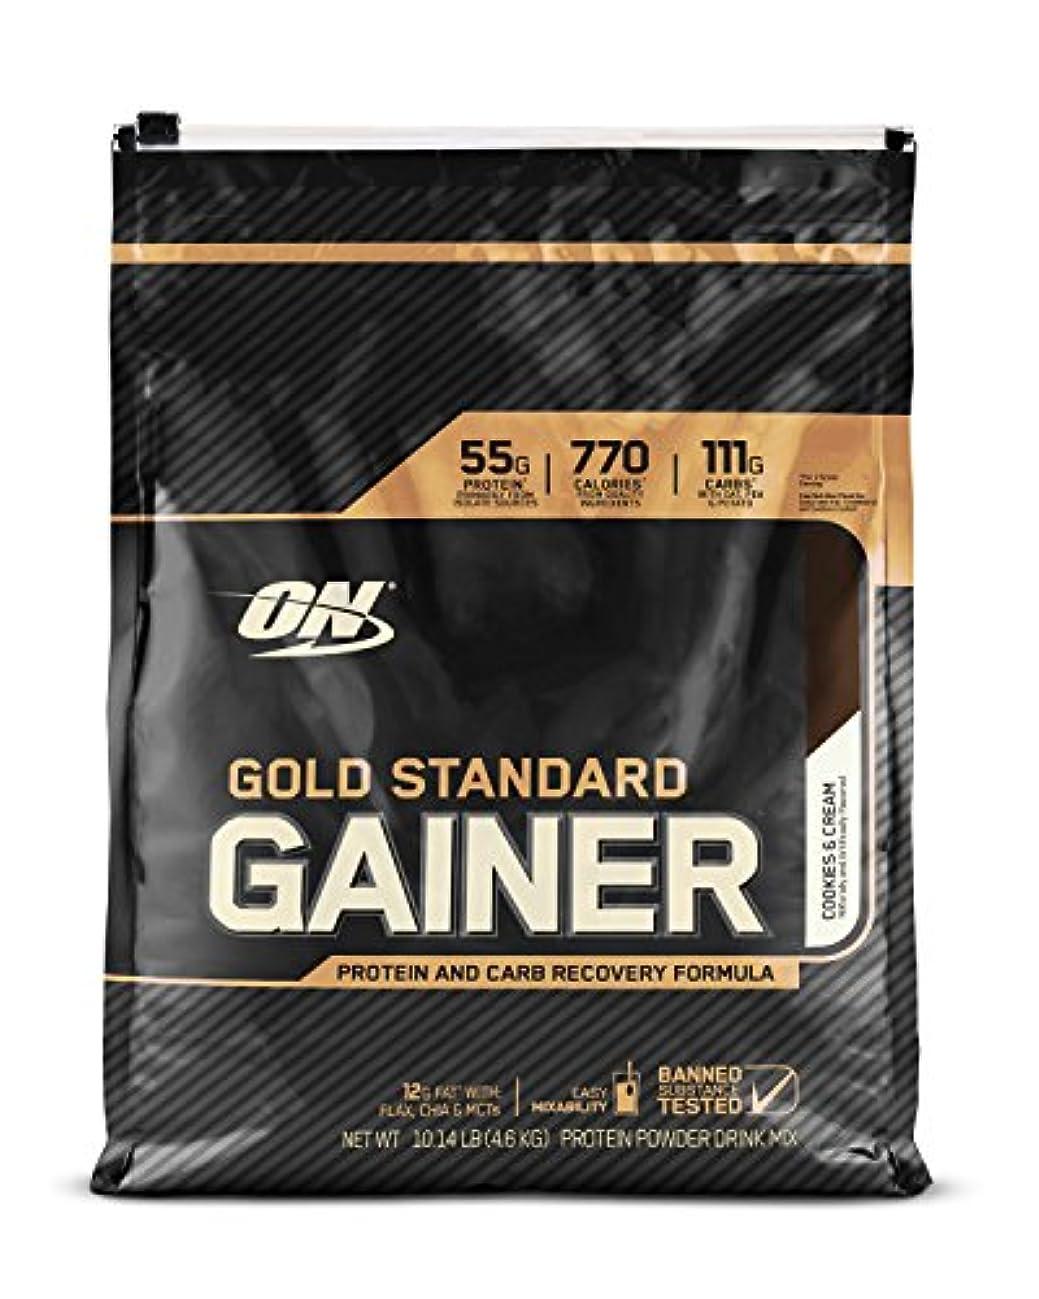 意欲団結するパンゴールドスタンダード ゲイナー 10LB クッキークリーム (Gold Standard Gainer 10LB Cookies & Cream) [海外直送品] [並行輸入品]